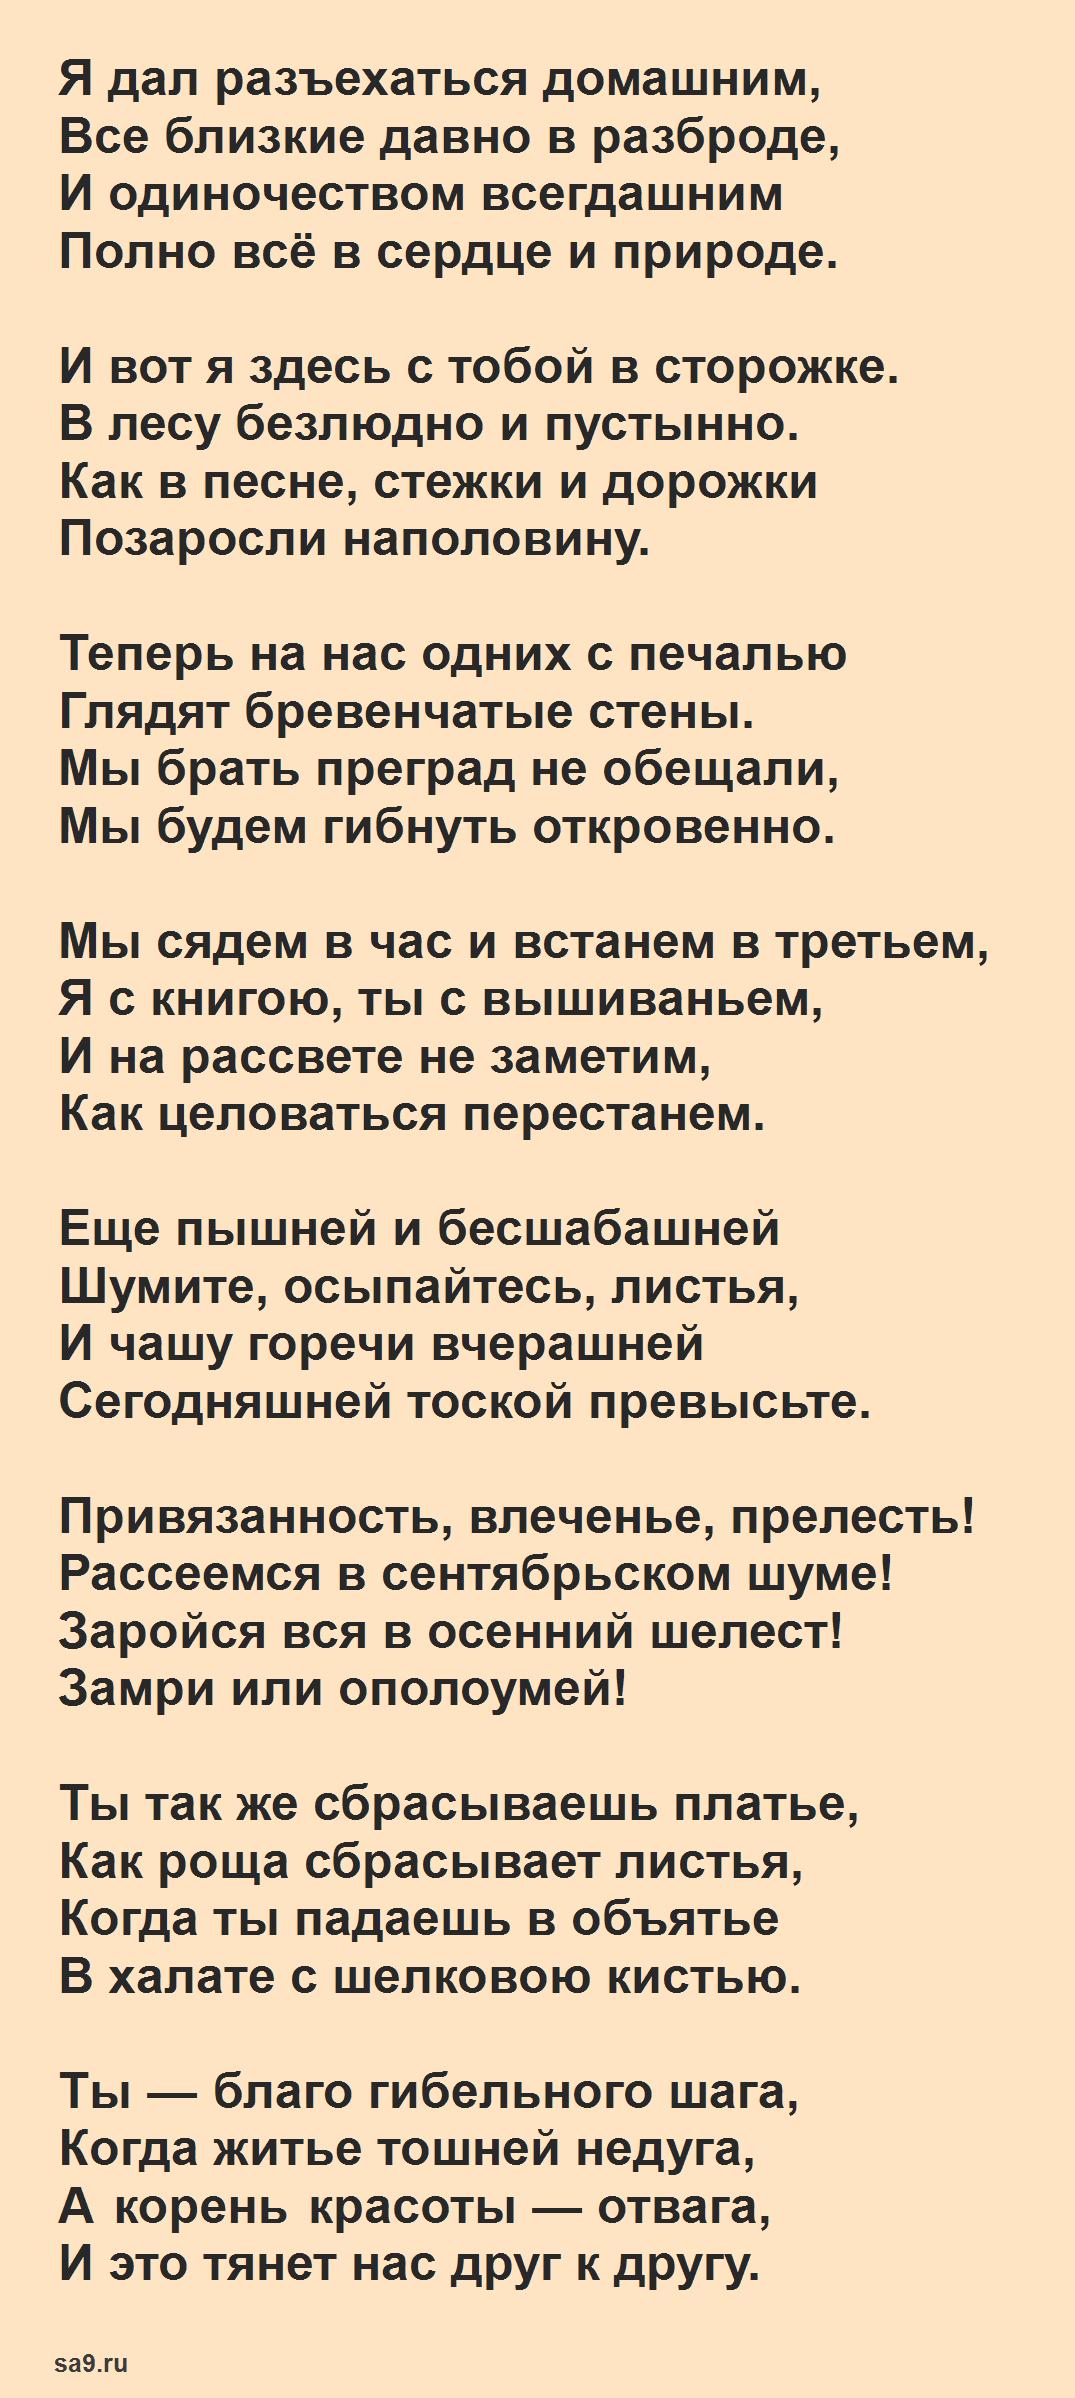 Пастернак стихи о любви - Осень